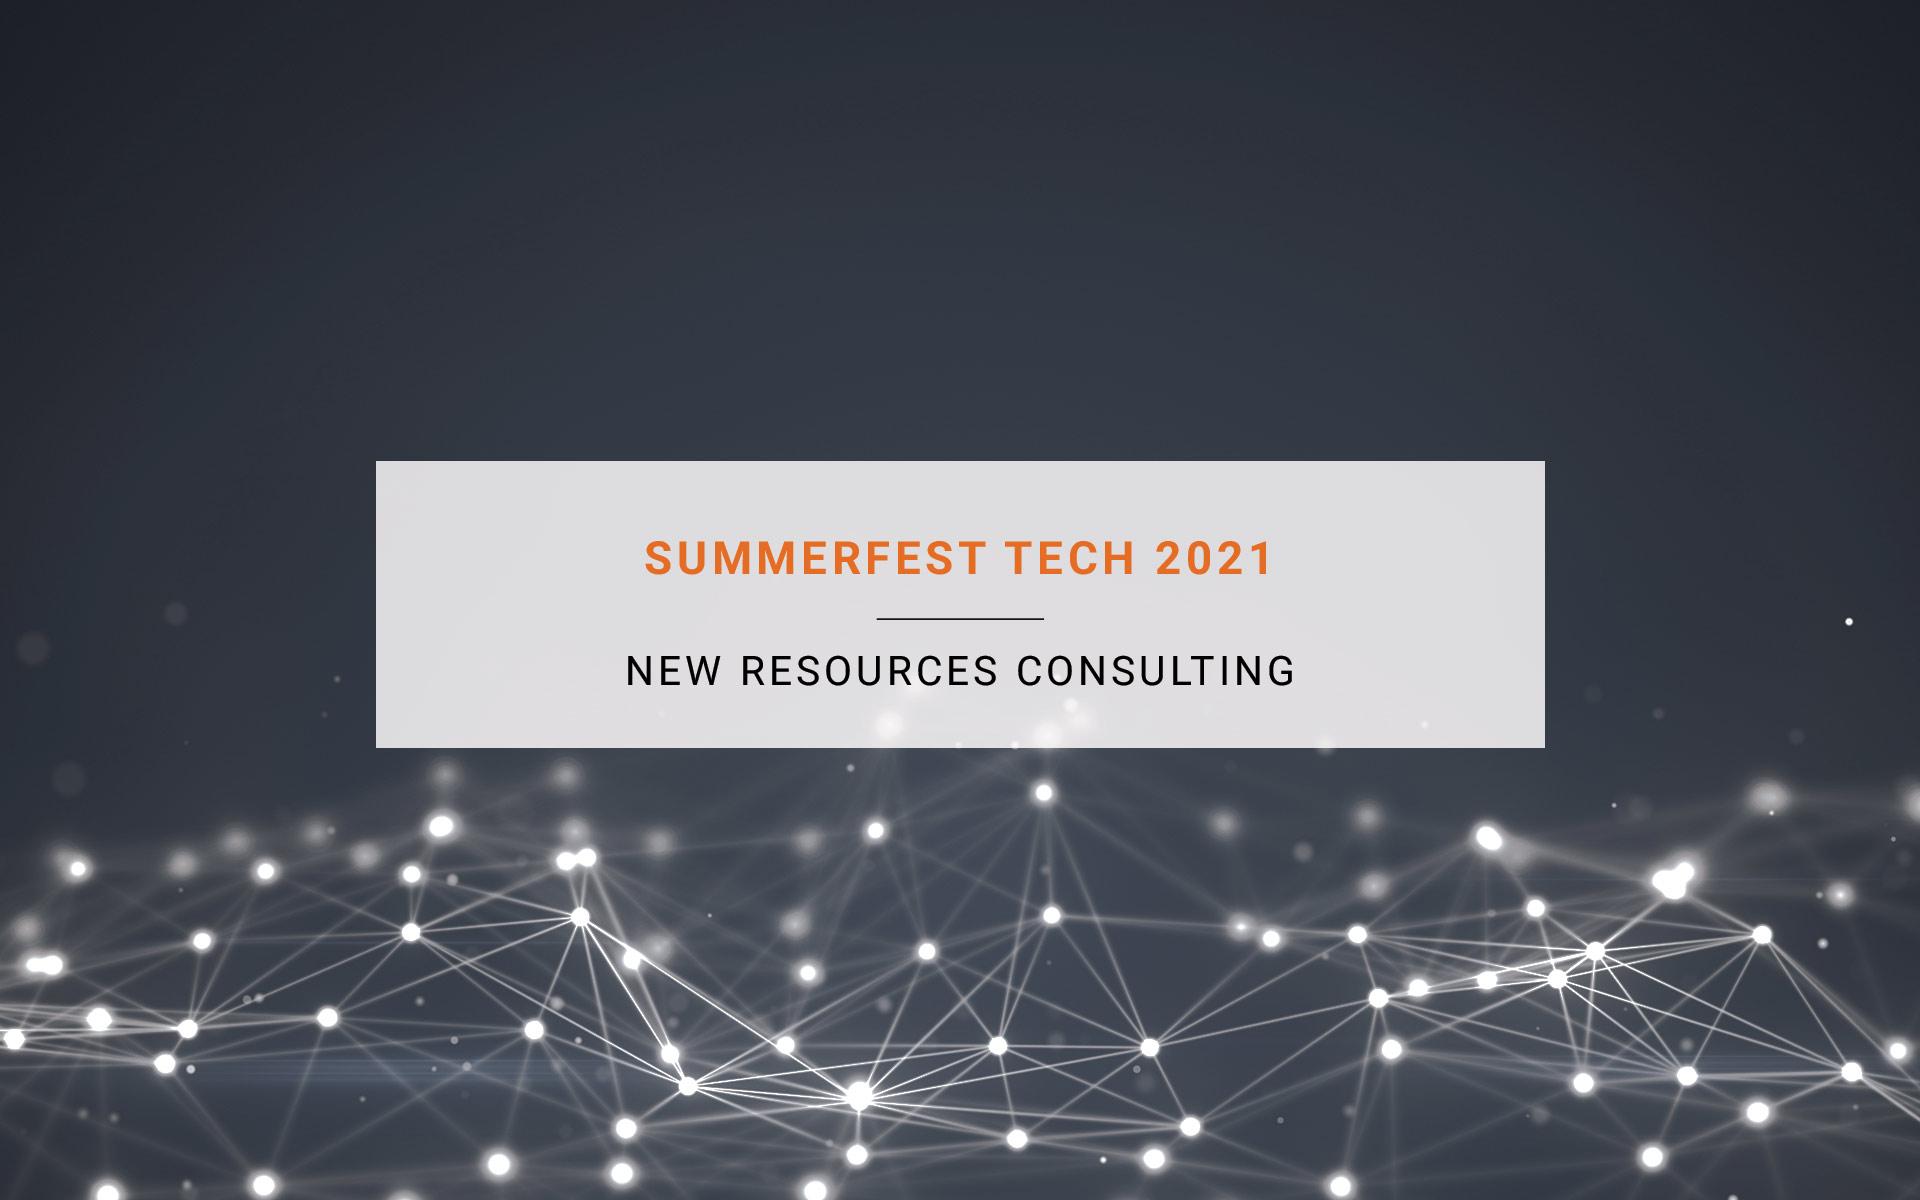 Summerfest Tech 2021